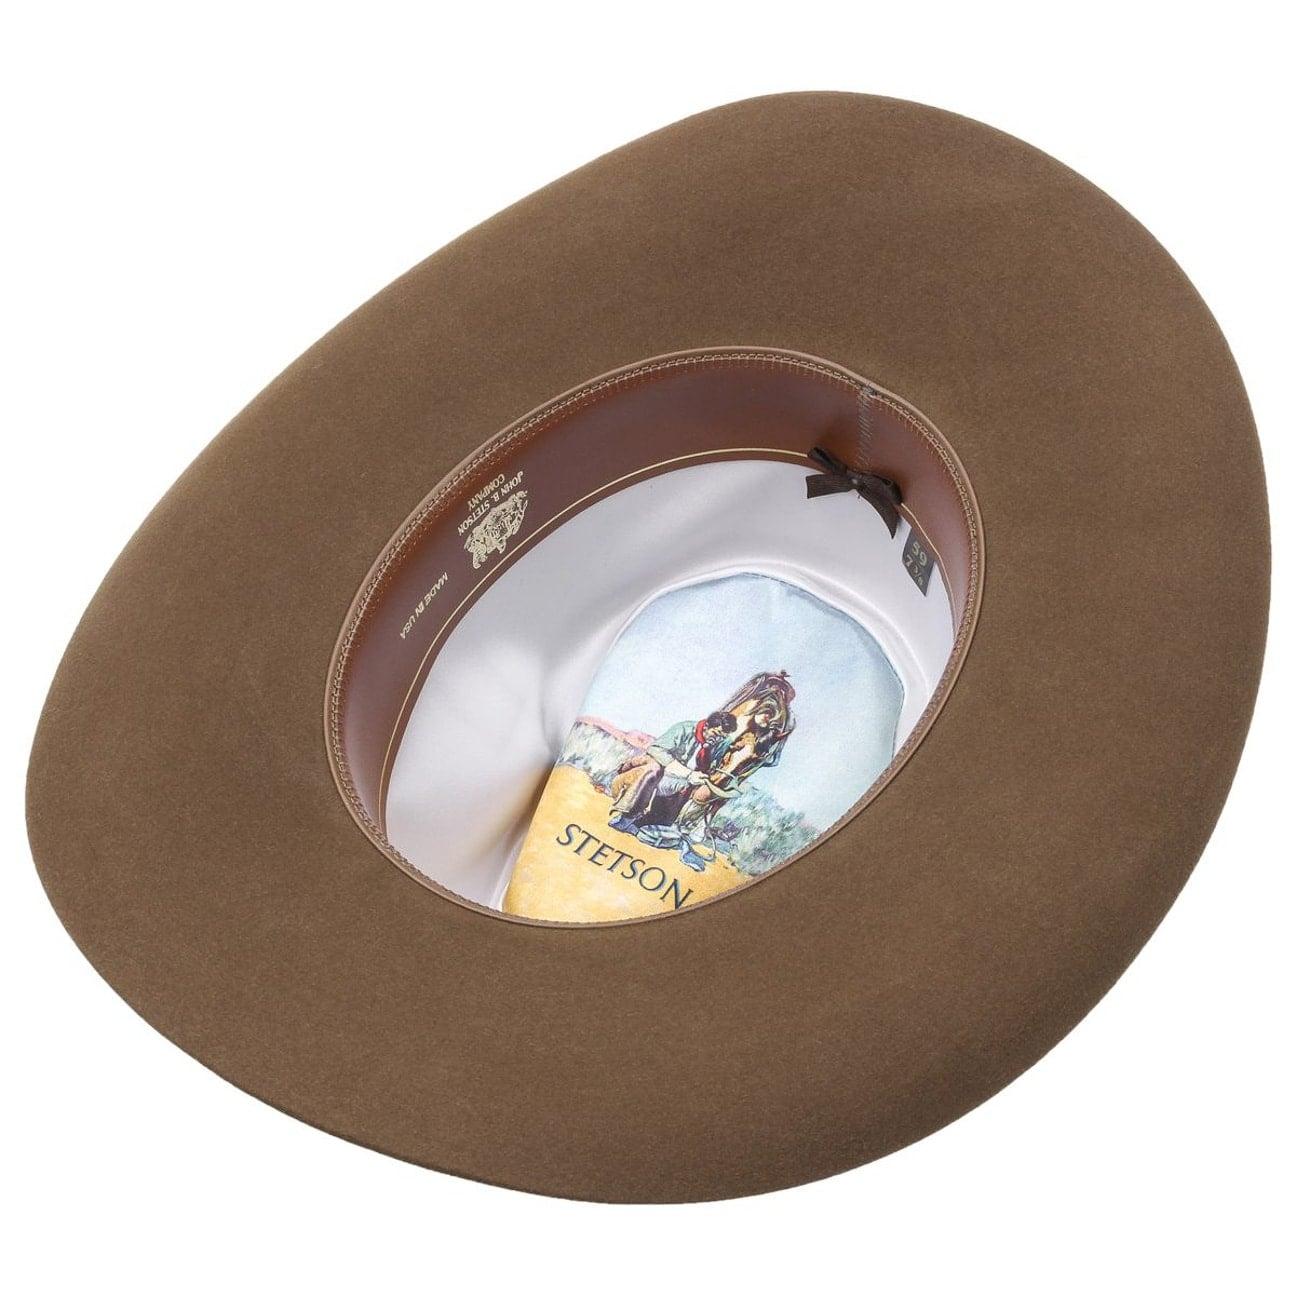 ... Carson Outdoor Cappello Cowboy by Stetson - marrone 3 ... 780555cfc41e